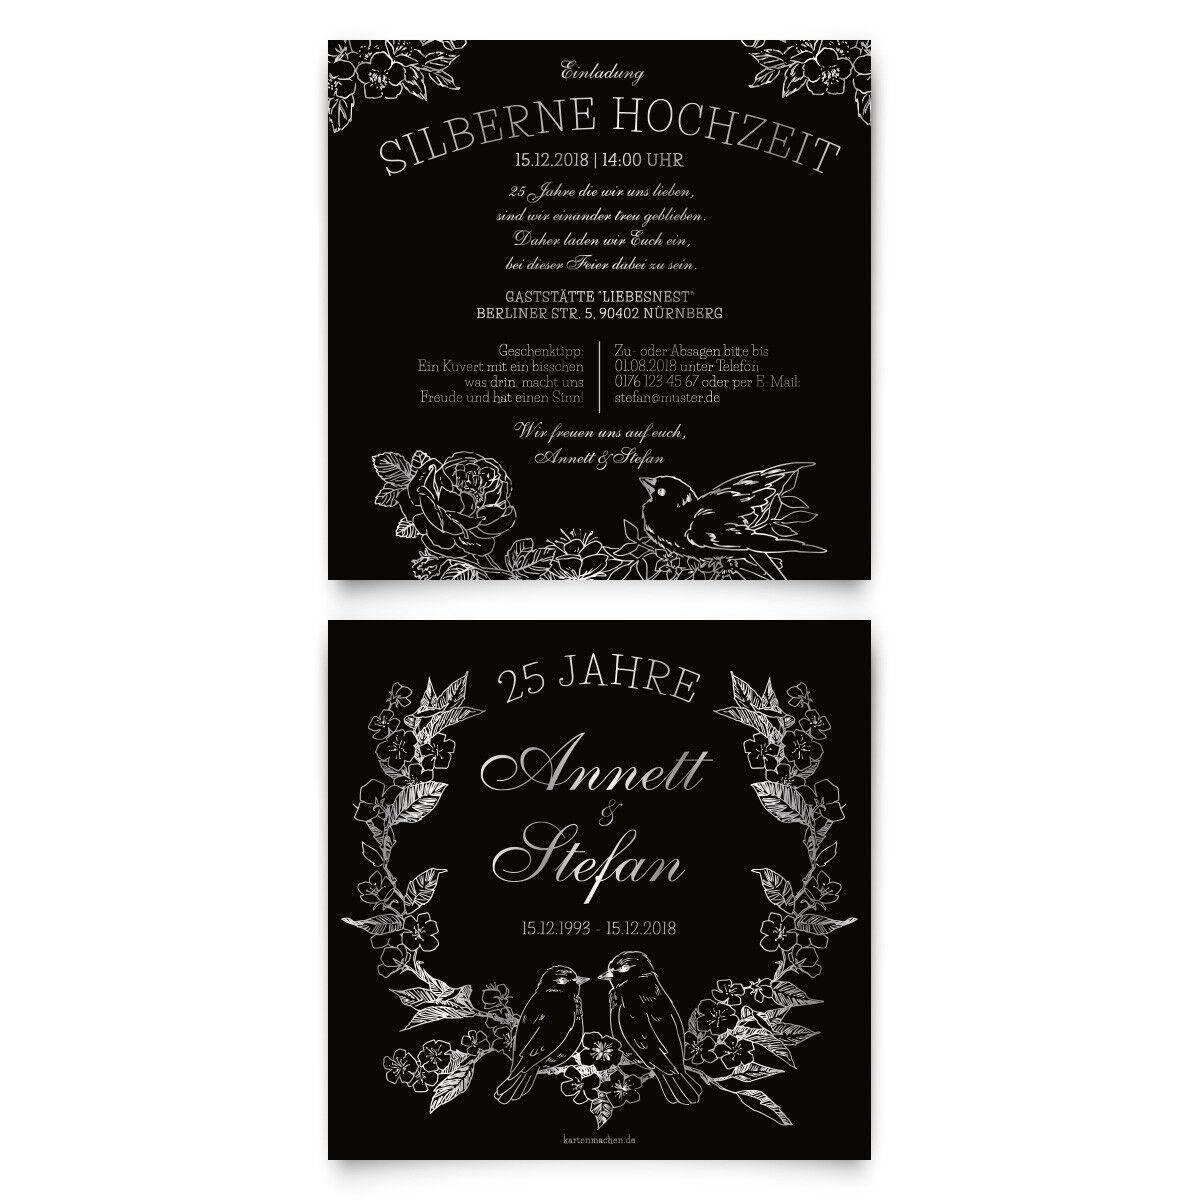 Hochzeitseinladungen Silberhochzeit silberne Hochzeit Einladung Kratzbild Motiv   Kunde zuerst    Smart